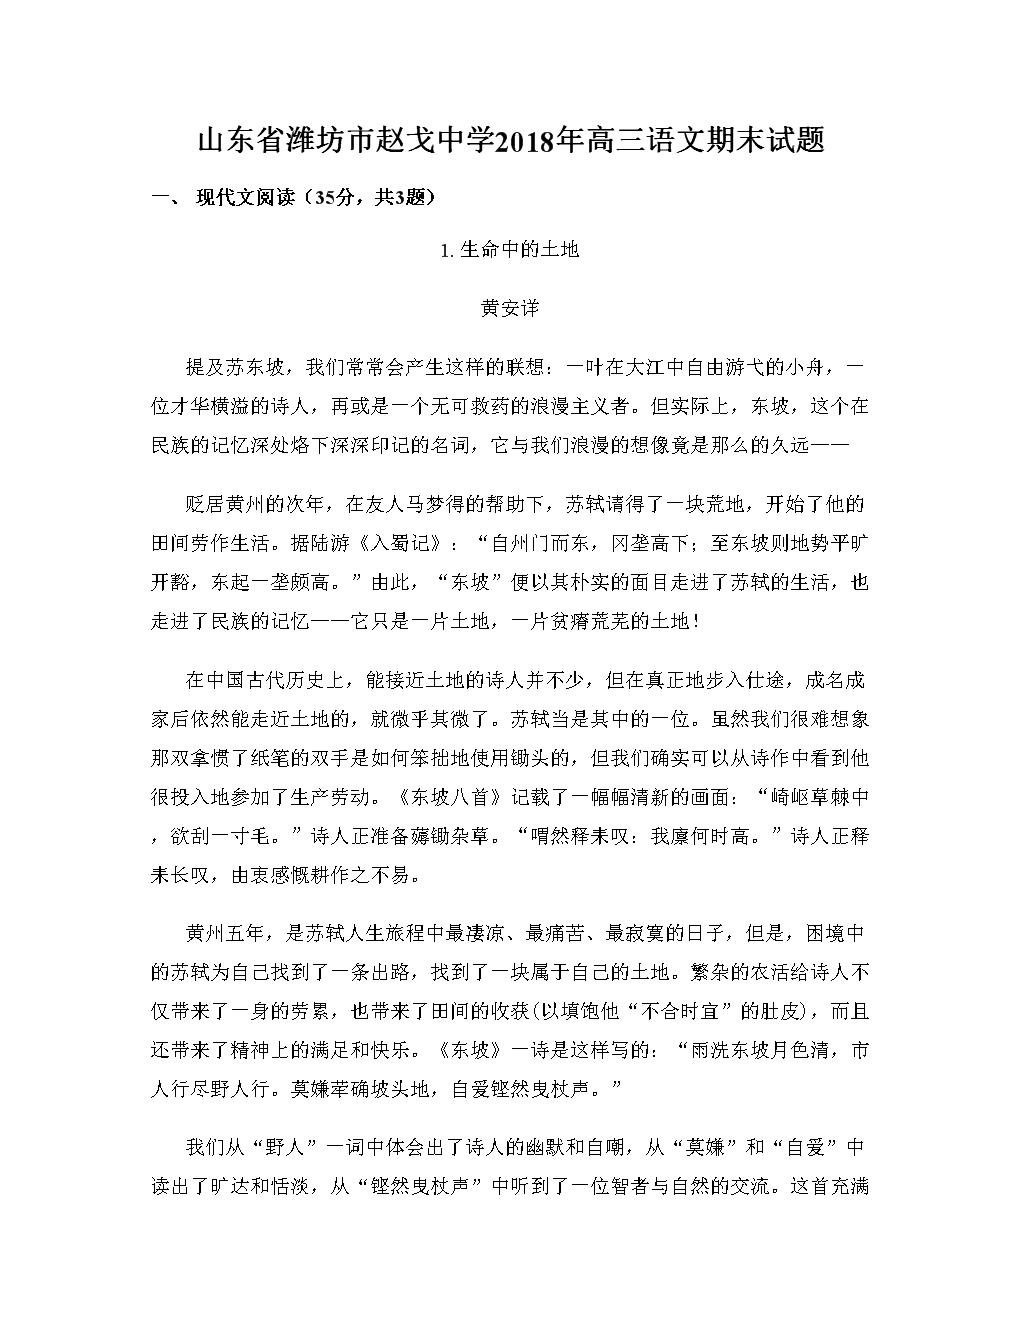 山东省潍坊市赵戈中学2018年高三语文期末试题.docx